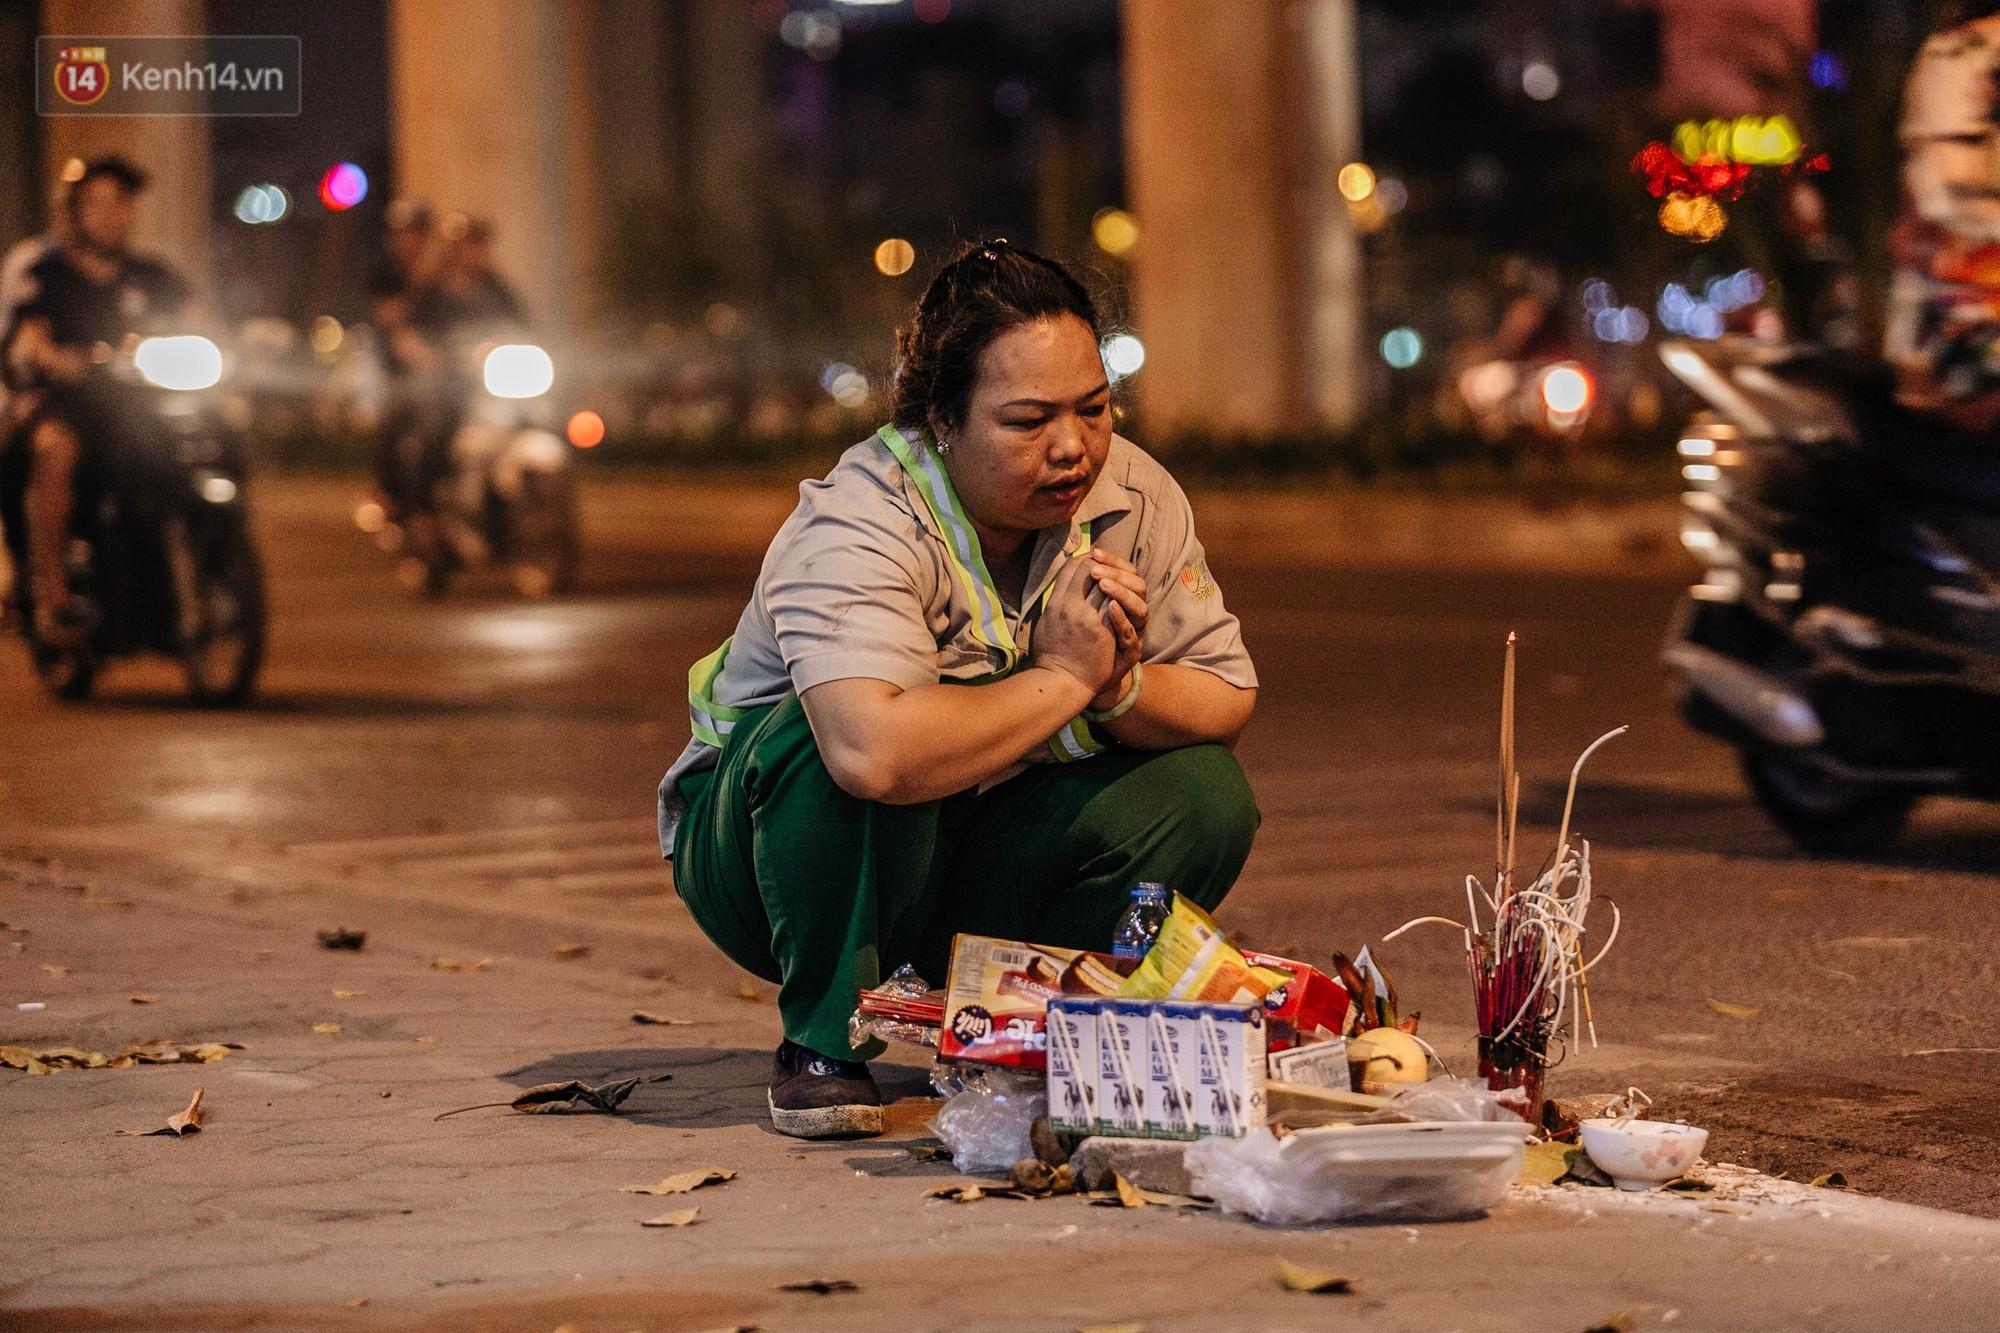 Sự ra đi của nữ công nhân môi trường và nỗi ám ảnh người ở lại: Những phận đời phu rác bám đường phố Hà Nội mưu sinh-3